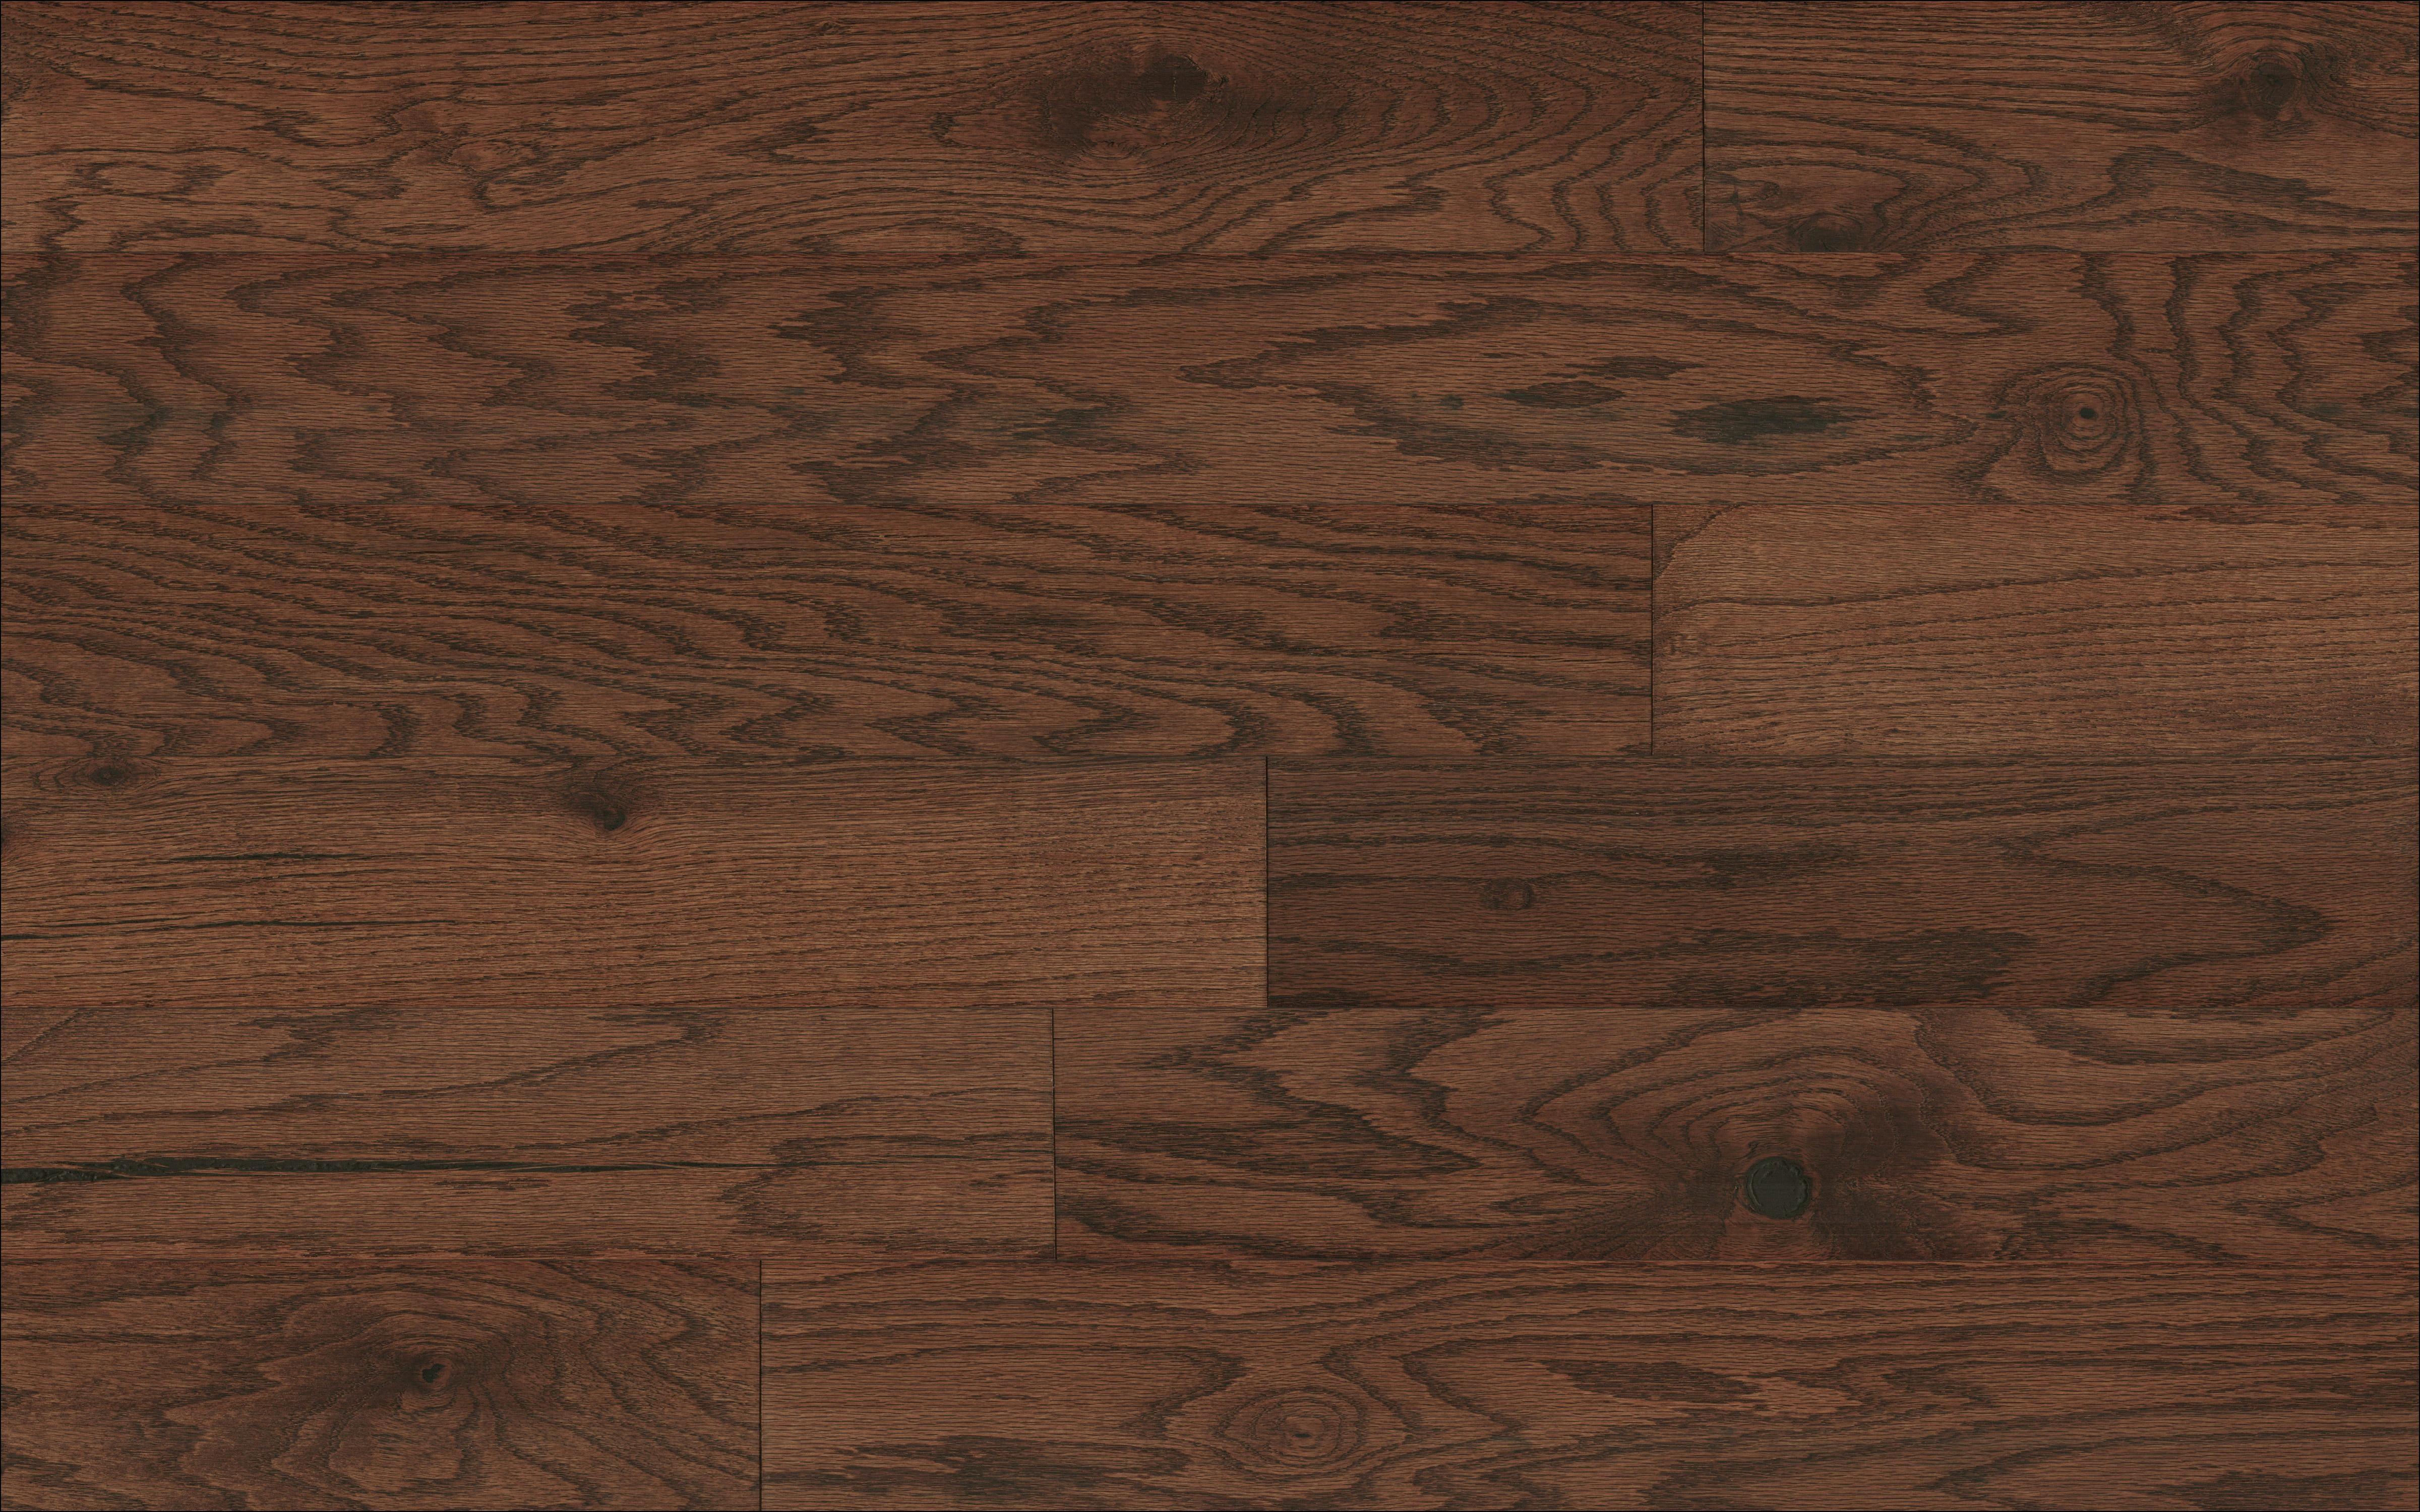 engineered vs solid hardwood flooring of best place flooring ideas with best place to buy engineered hardwood flooring collection mullican devonshire oak saddle 5 engineered hardwood